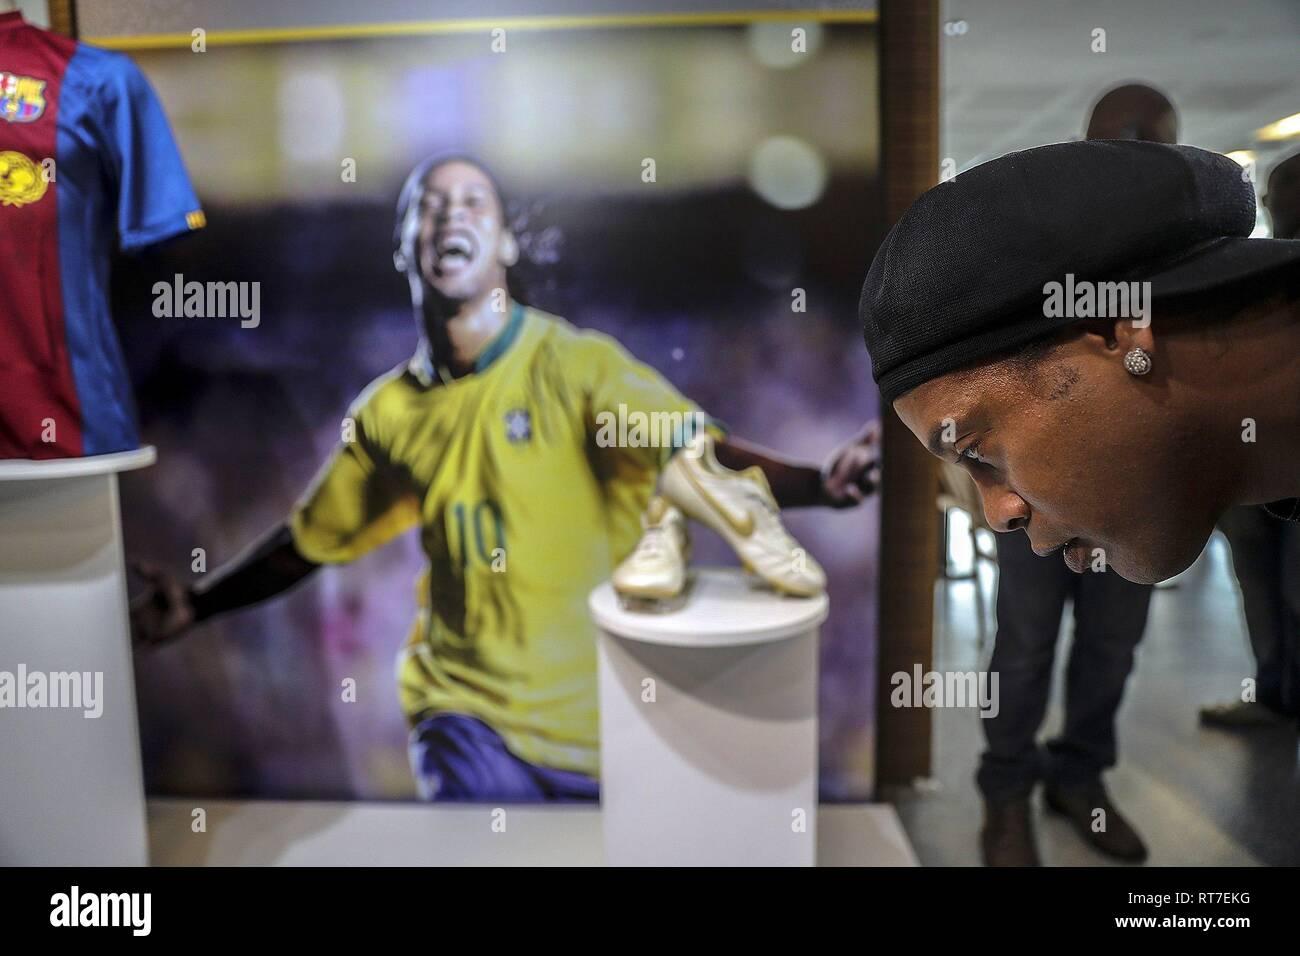 Rio De Janeiro, Brasile. 28 Feb, 2019. Il brasiliano ex calciatore Ronaldinho Gaucho al Maracana Stadium, a Rio de Janeiro, Brasile, 28 febbraio 2019, durante l'apertura di un omaggio alla sua carriera i migliori momenti. Credito: Antonio Lacerda/EFE/Alamy Live News Immagini Stock